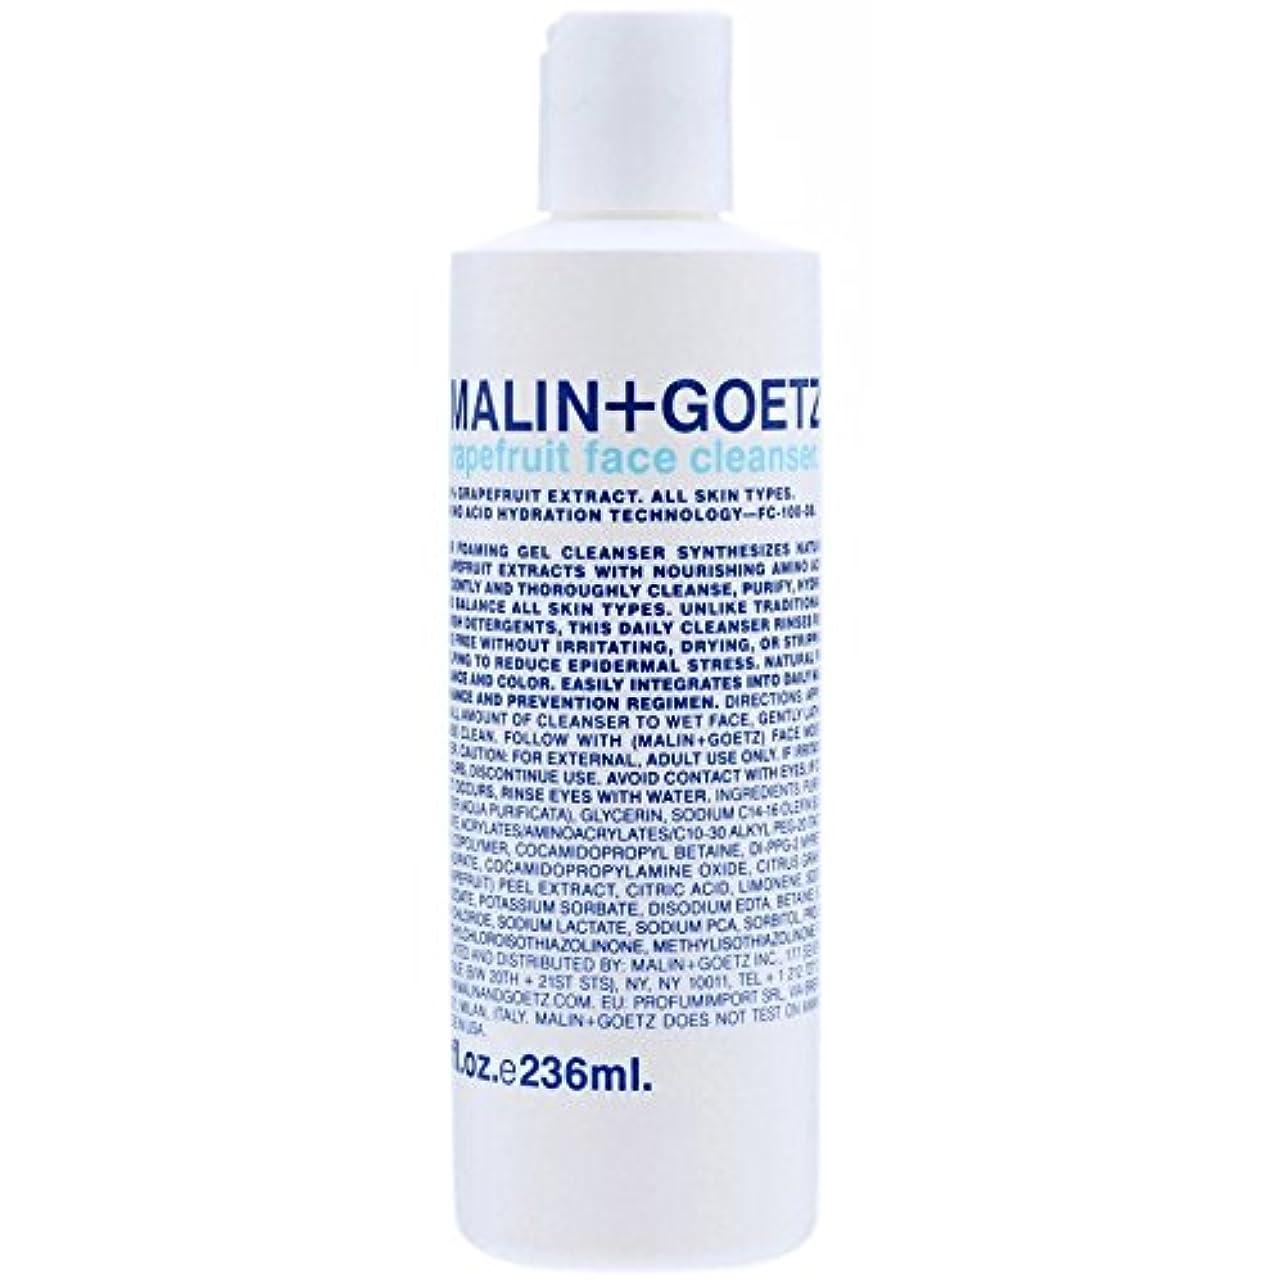 収益ファッション価値のないMALIN+GOETZ Grapefruit Face Cleanser - マリン+ゲッツグレープフルーツフェイスクレンザー [並行輸入品]